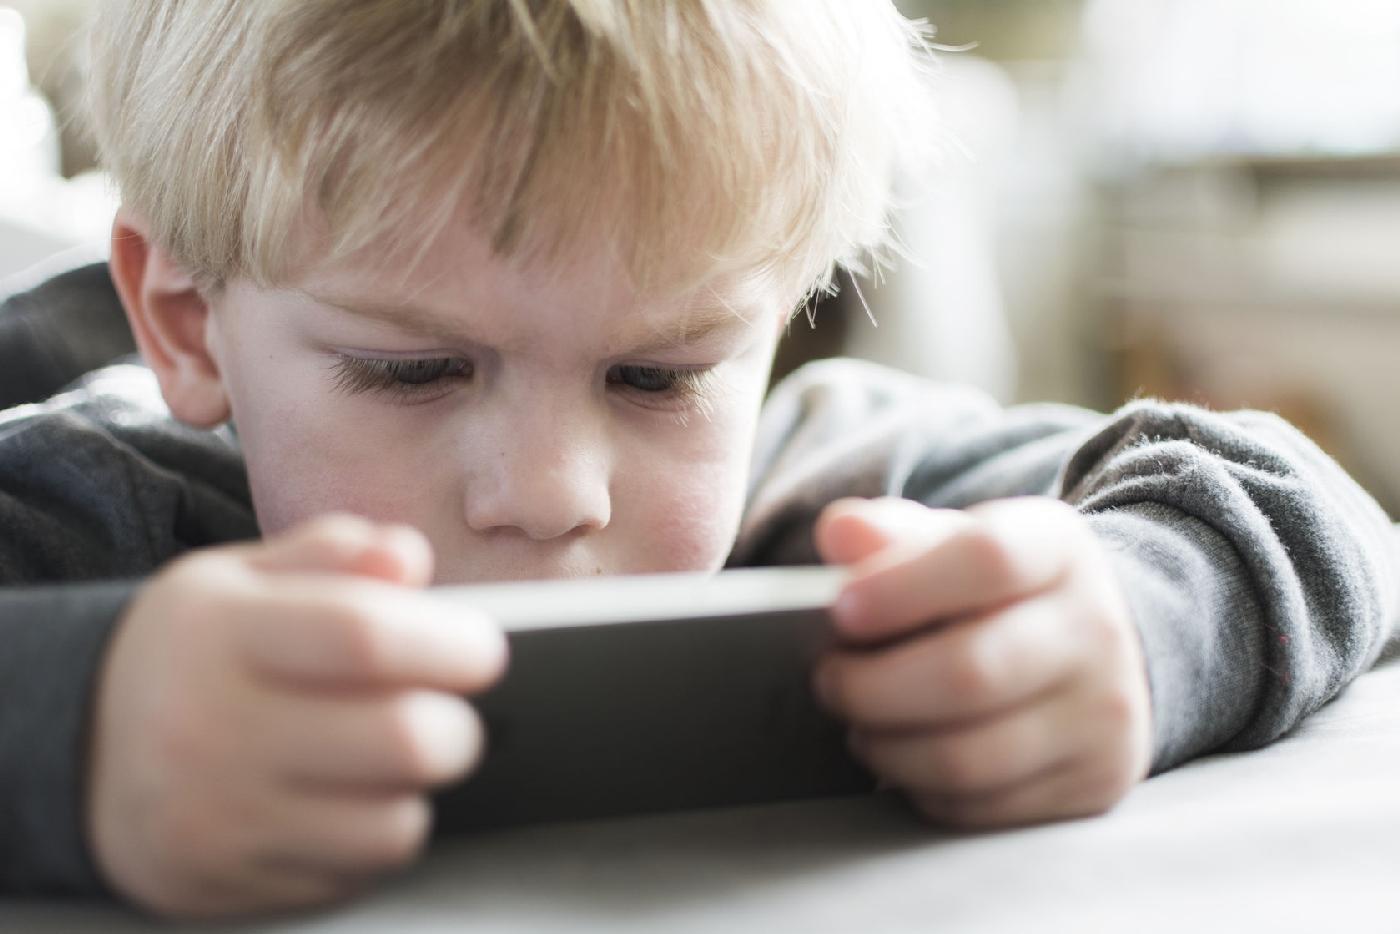 Какими обучающими приложениями можно пользоваться детям?